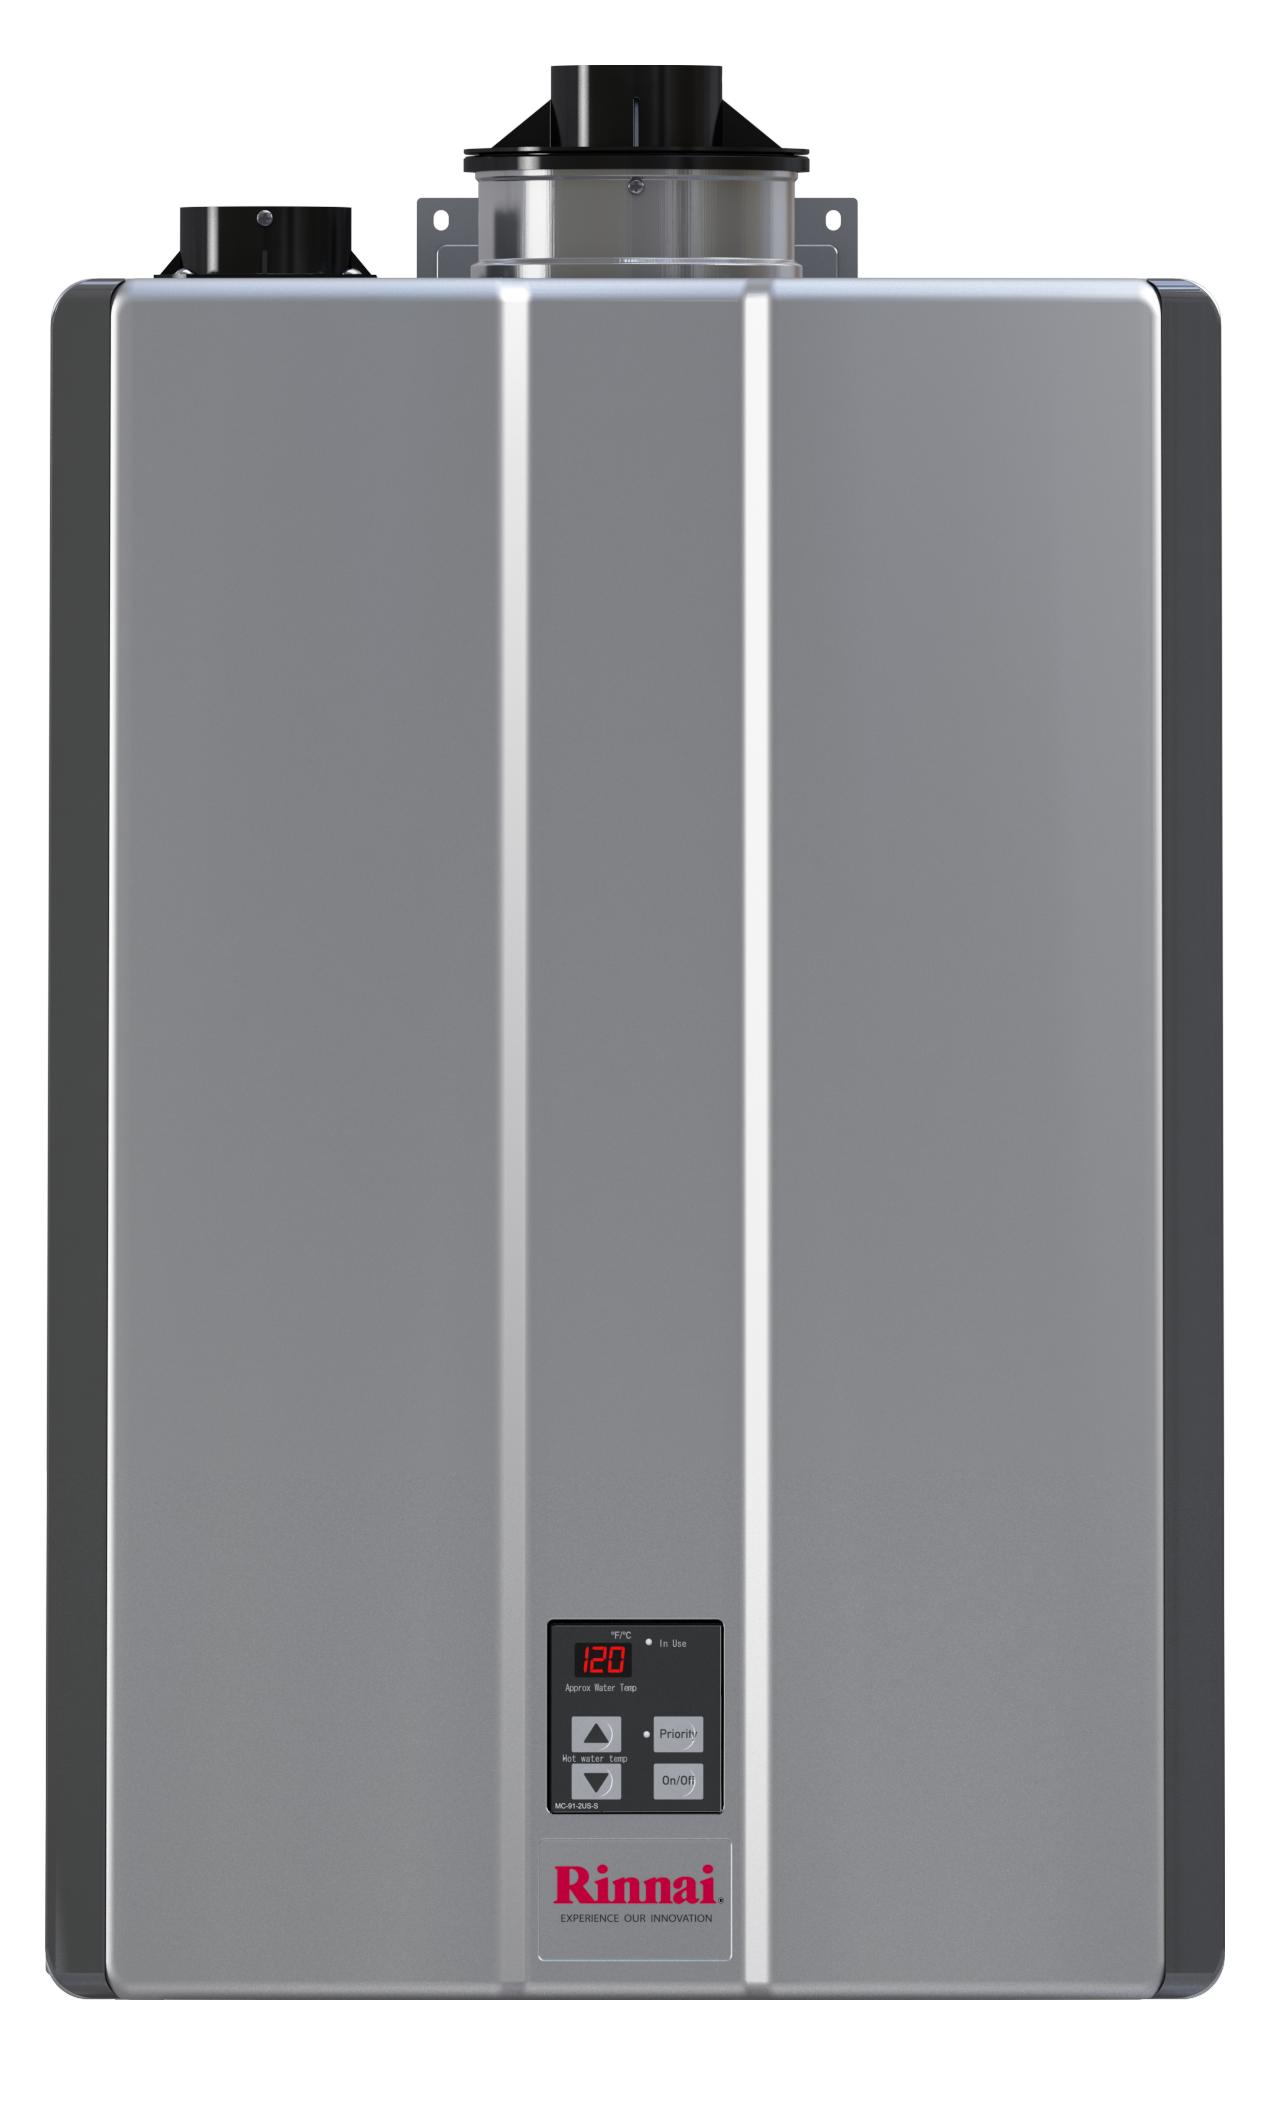 rur199in tankless water heater rinnairur199in rur model series